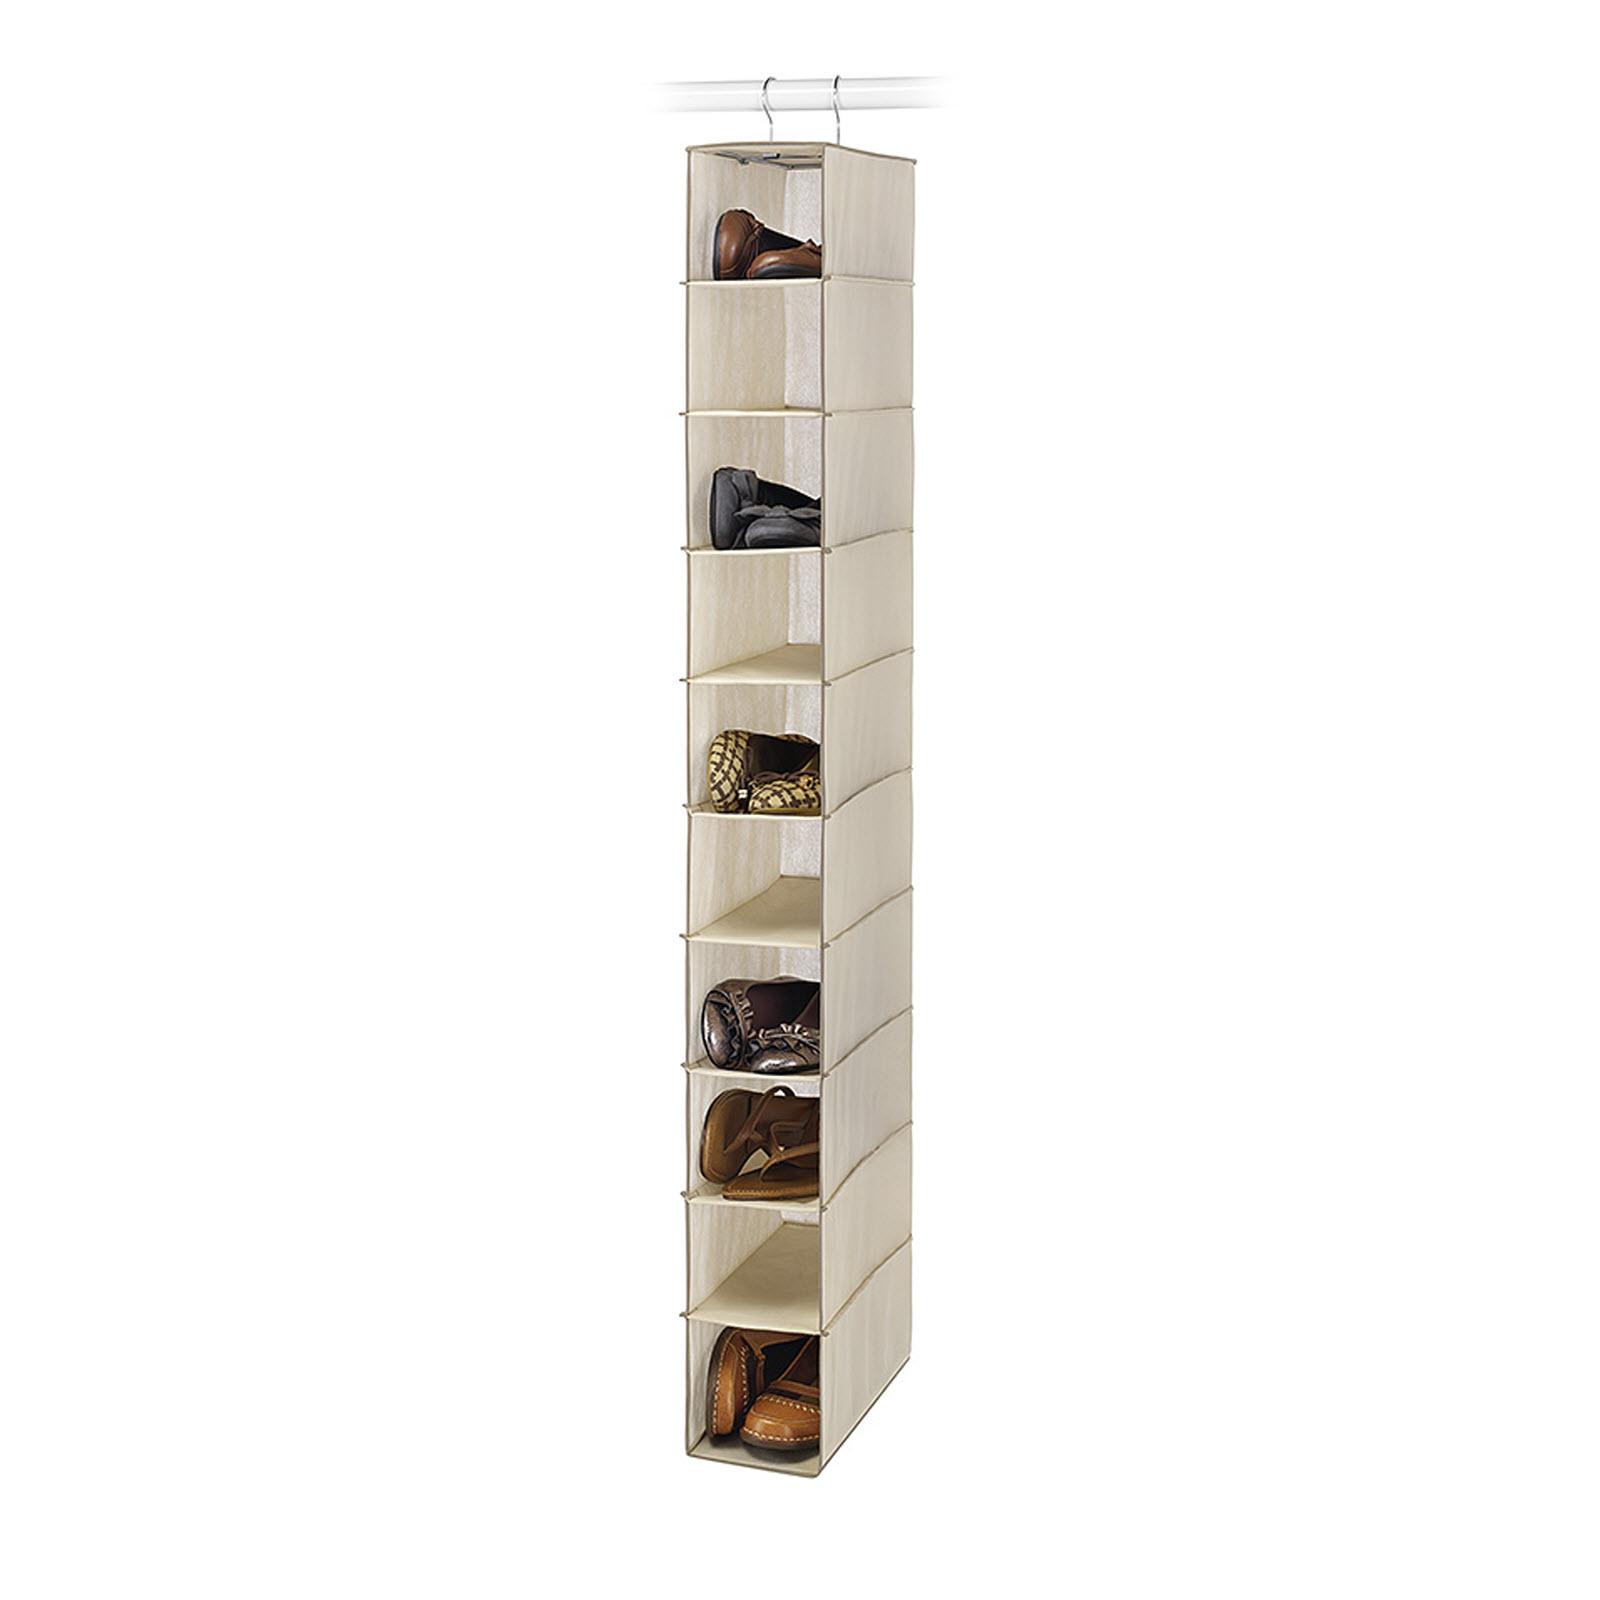 Essential Home 10-Shelf Tan Hanging Closet Shoe Organizer